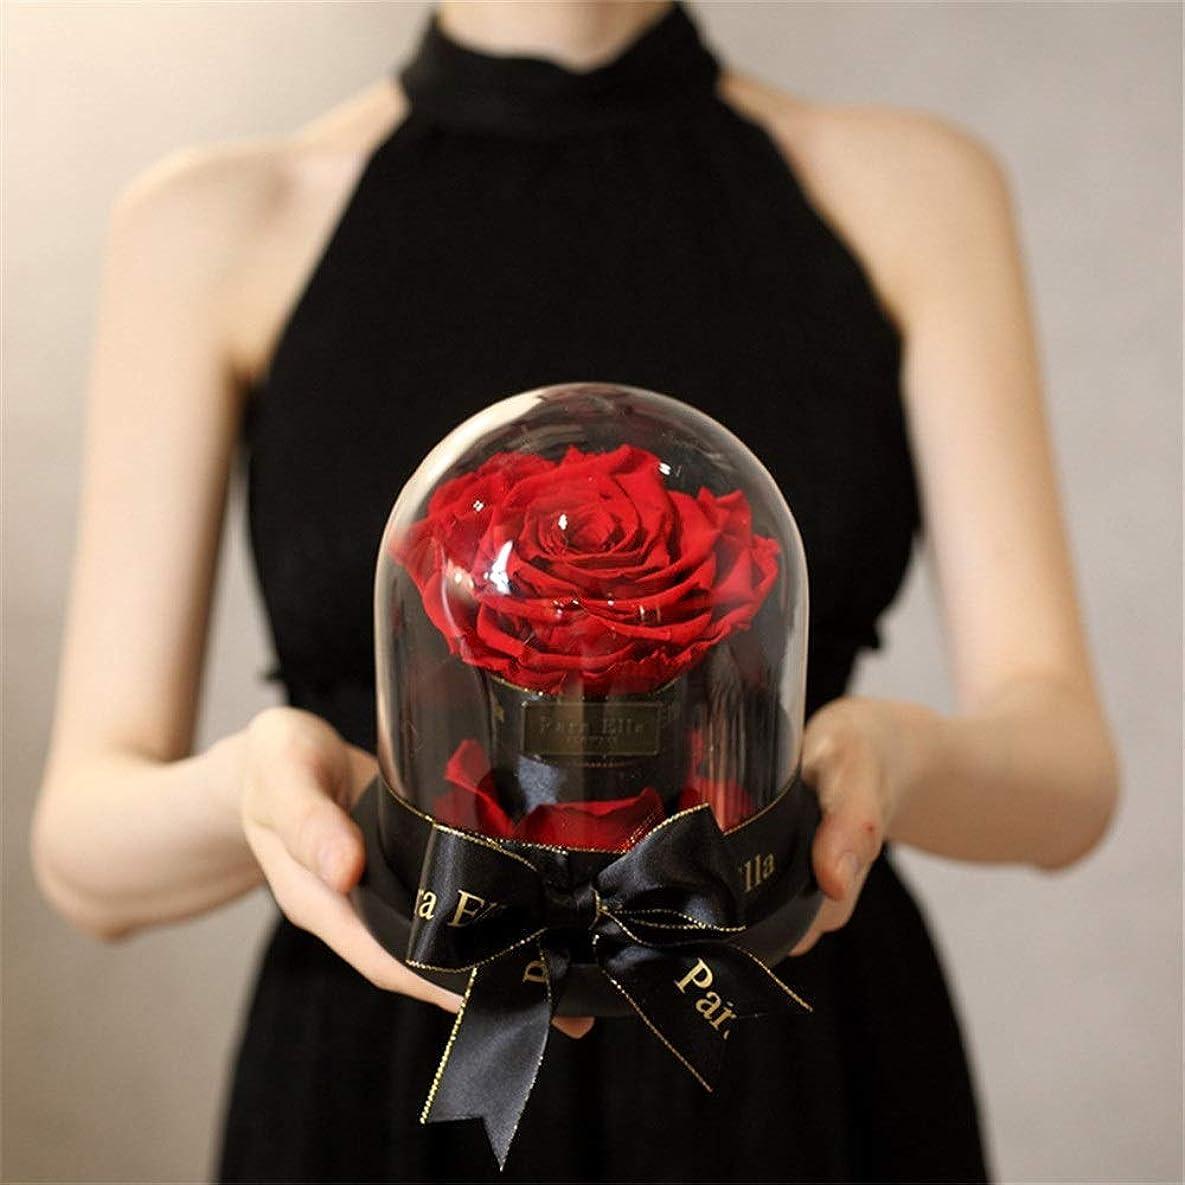 敬なガイド憲法プリザーブドフラワー 彼女のためにバラの花手作り決して枯れたバラ、魅惑のバラ、バレンタインパーティーギフト、ウェディングギフト、最高の贈り物を保存 永遠の花 (Color : Red, Size : Free size)